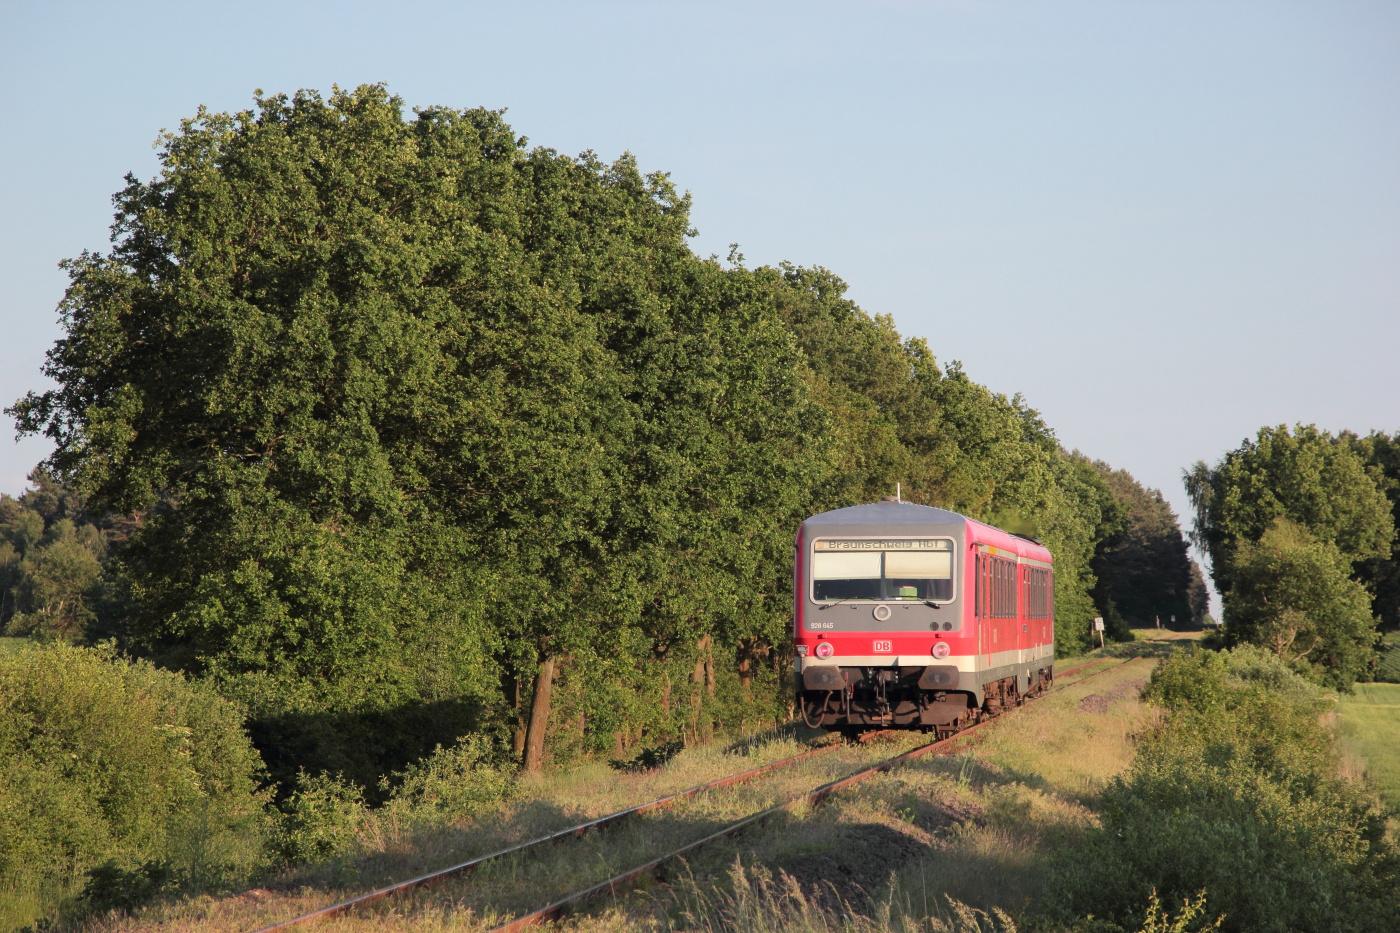 http://www.nachtbahner.de/Fotos/2014-05-30%20KBS%20115%20M%c3%bchlenbahn%20Uelzen%20-%20Braunschweig%20/k-IMG_6489%20KBS%20115%20M%c3%bchlenbahn%2030.05.14%20(11).JPG